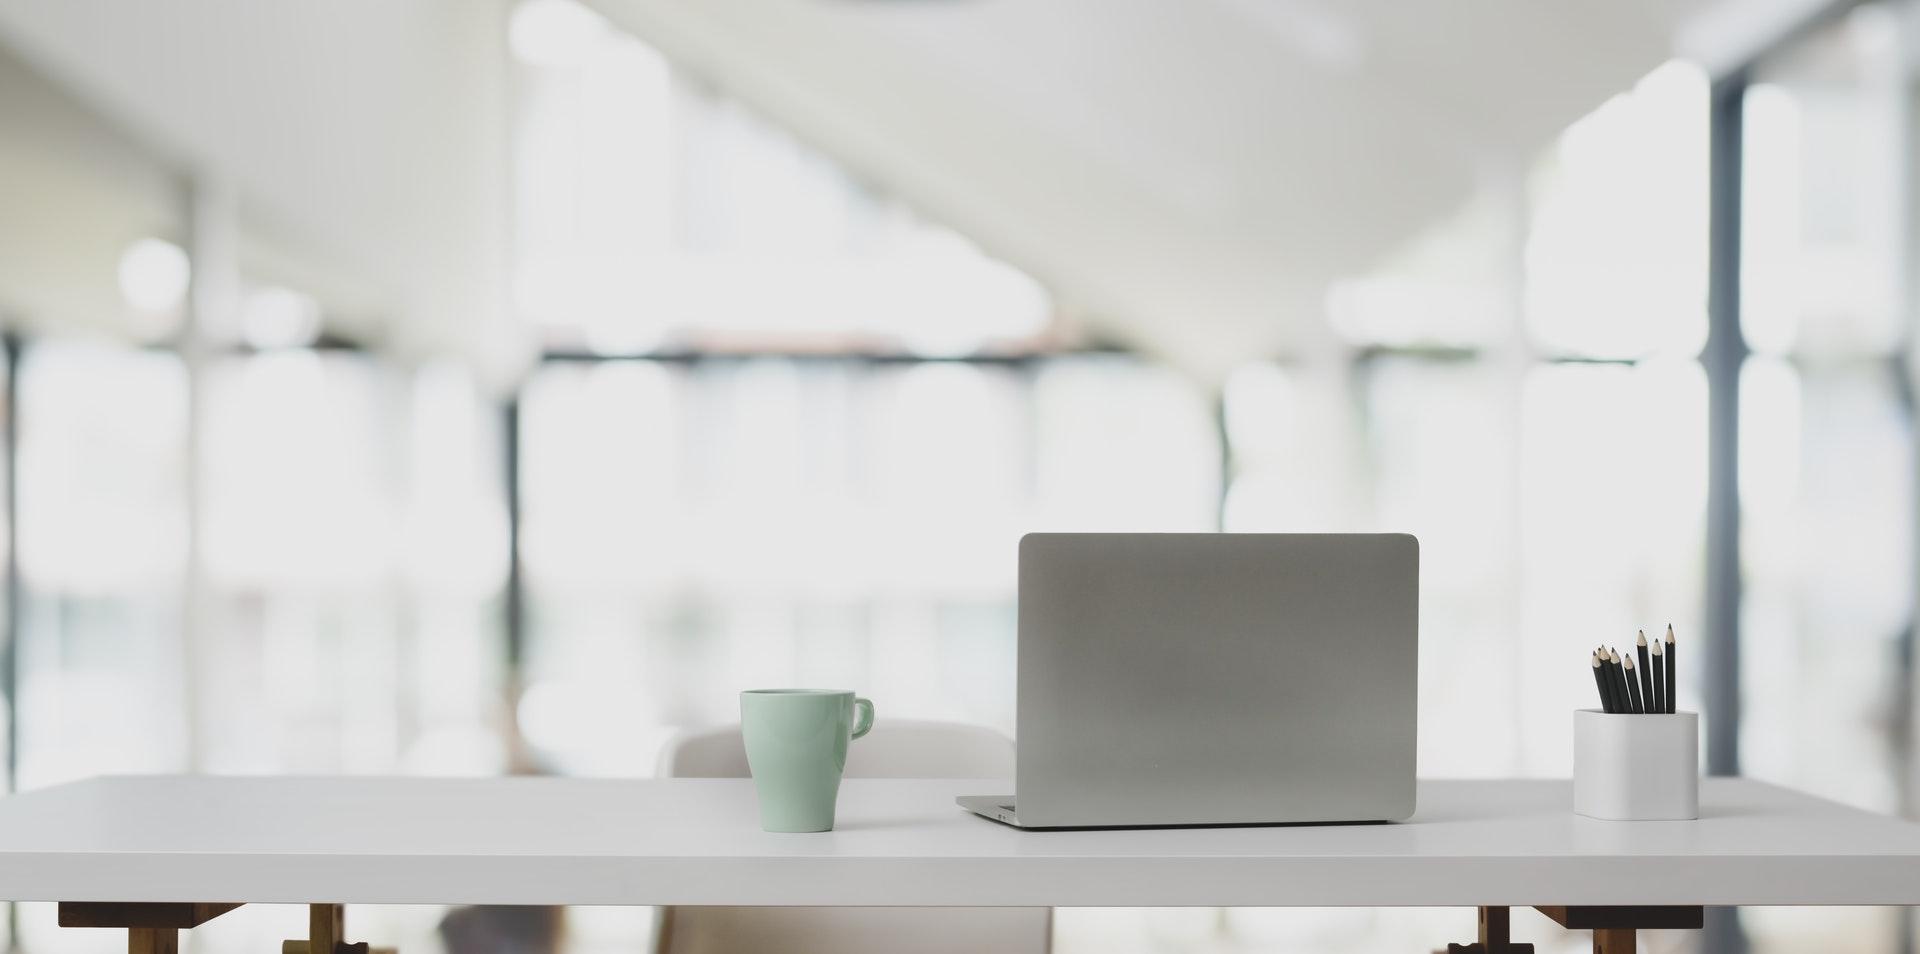 B2B Texter für Blog-Marketing